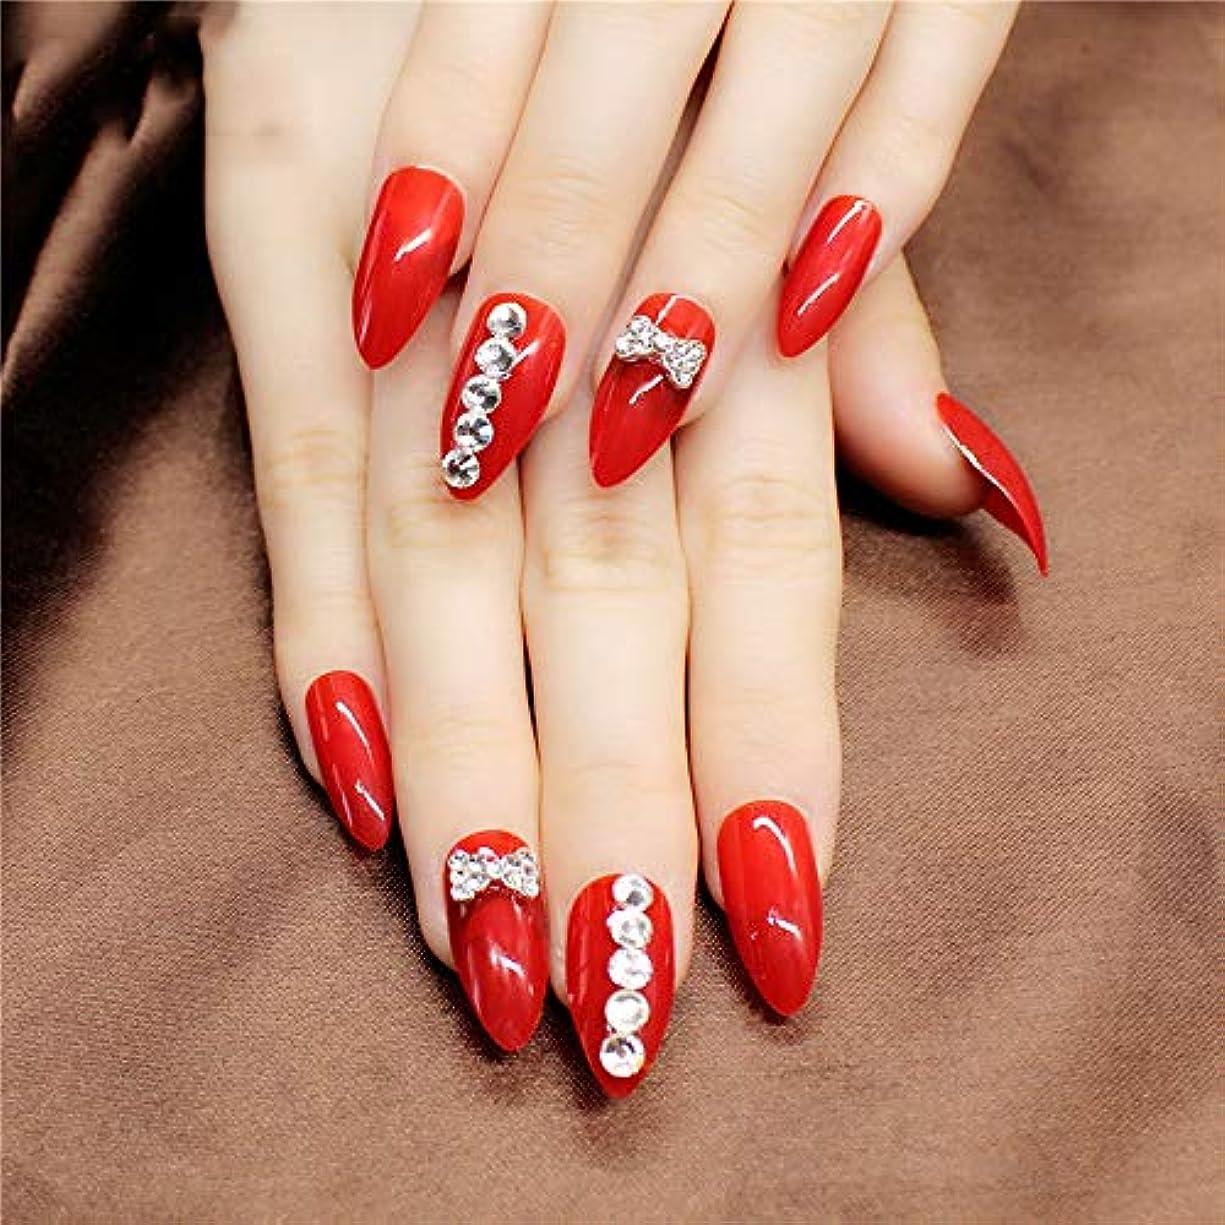 お母さんフェミニン木XUTXZKA 24本/箱赤いスティレット偽の爪の石のパターンは指のための暗い光沢のある長押しを指摘